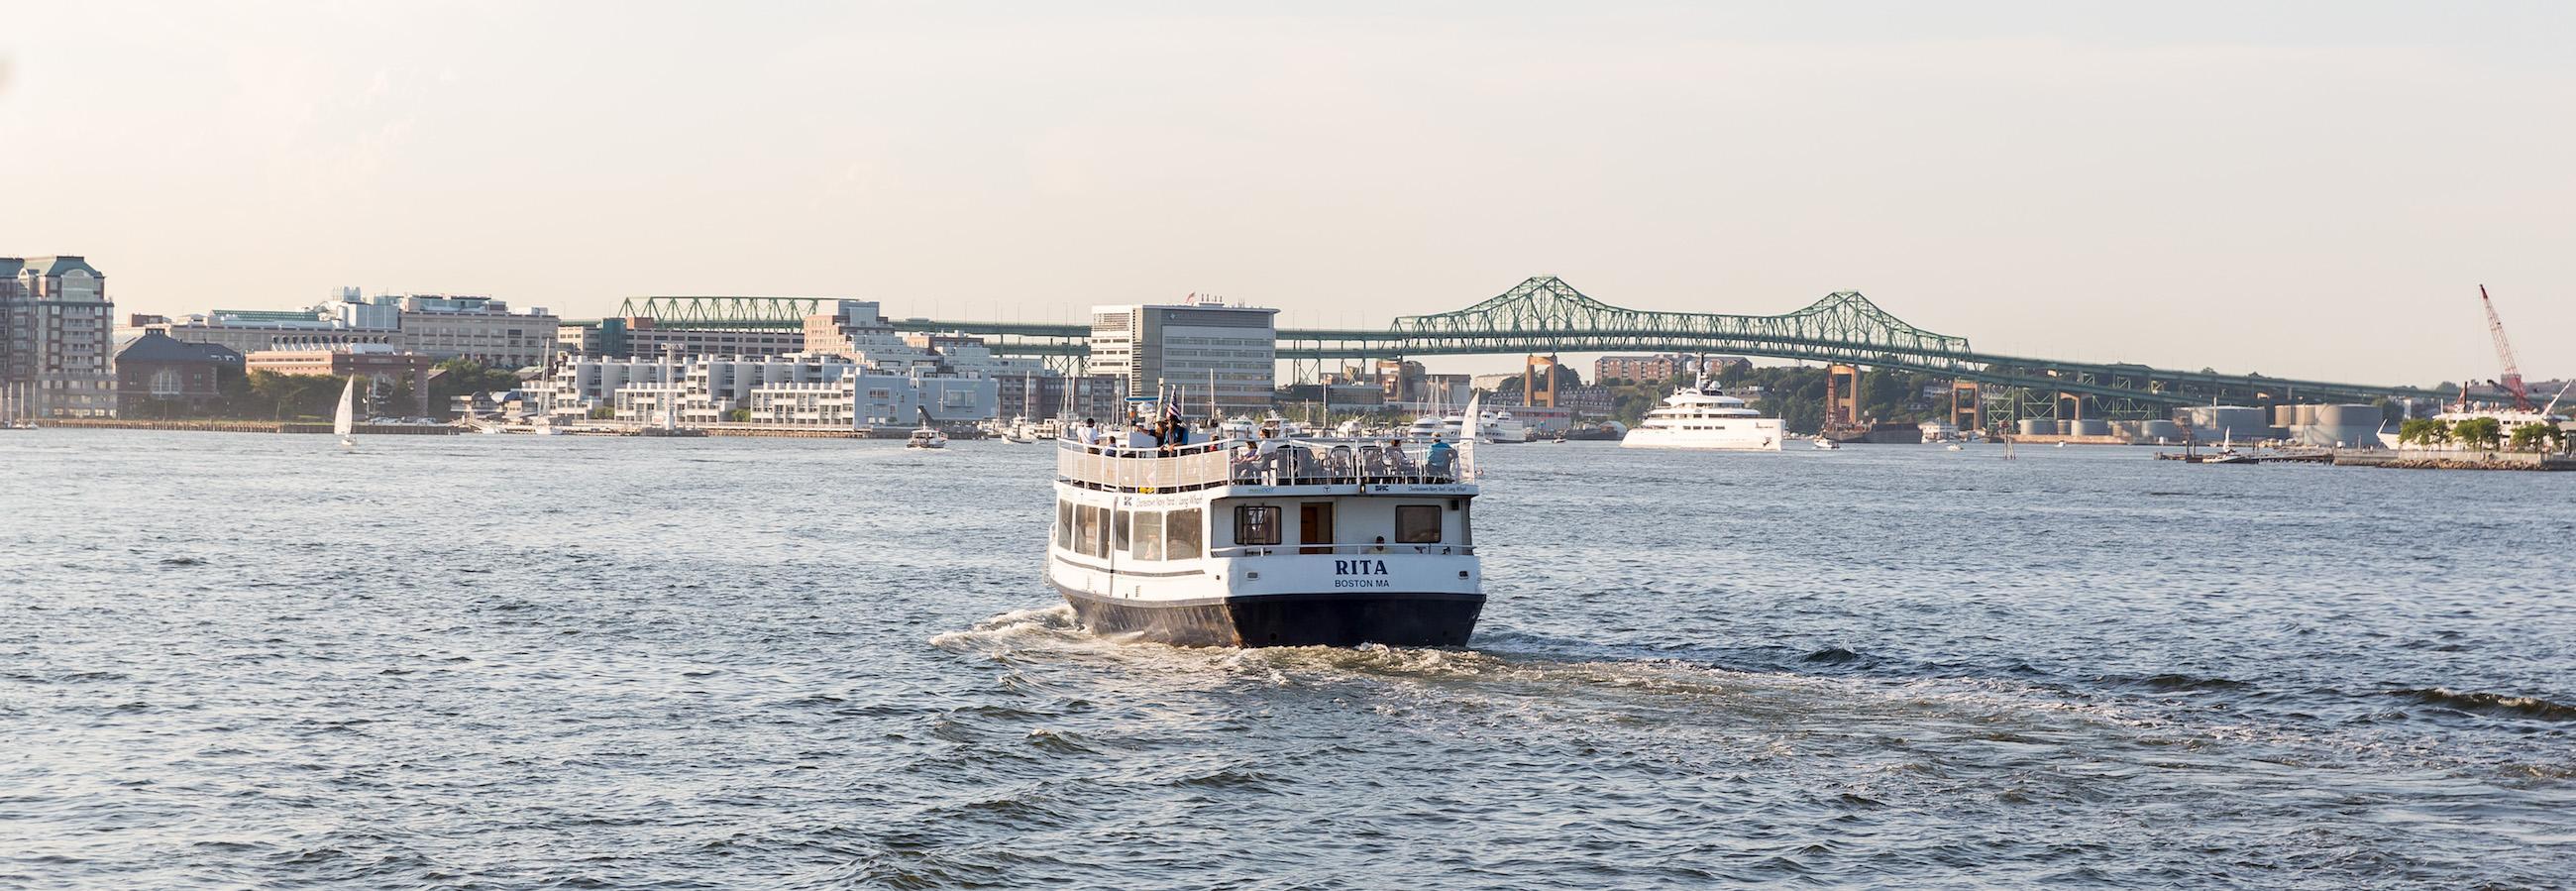 mbta ferry rita traveling to charlestown